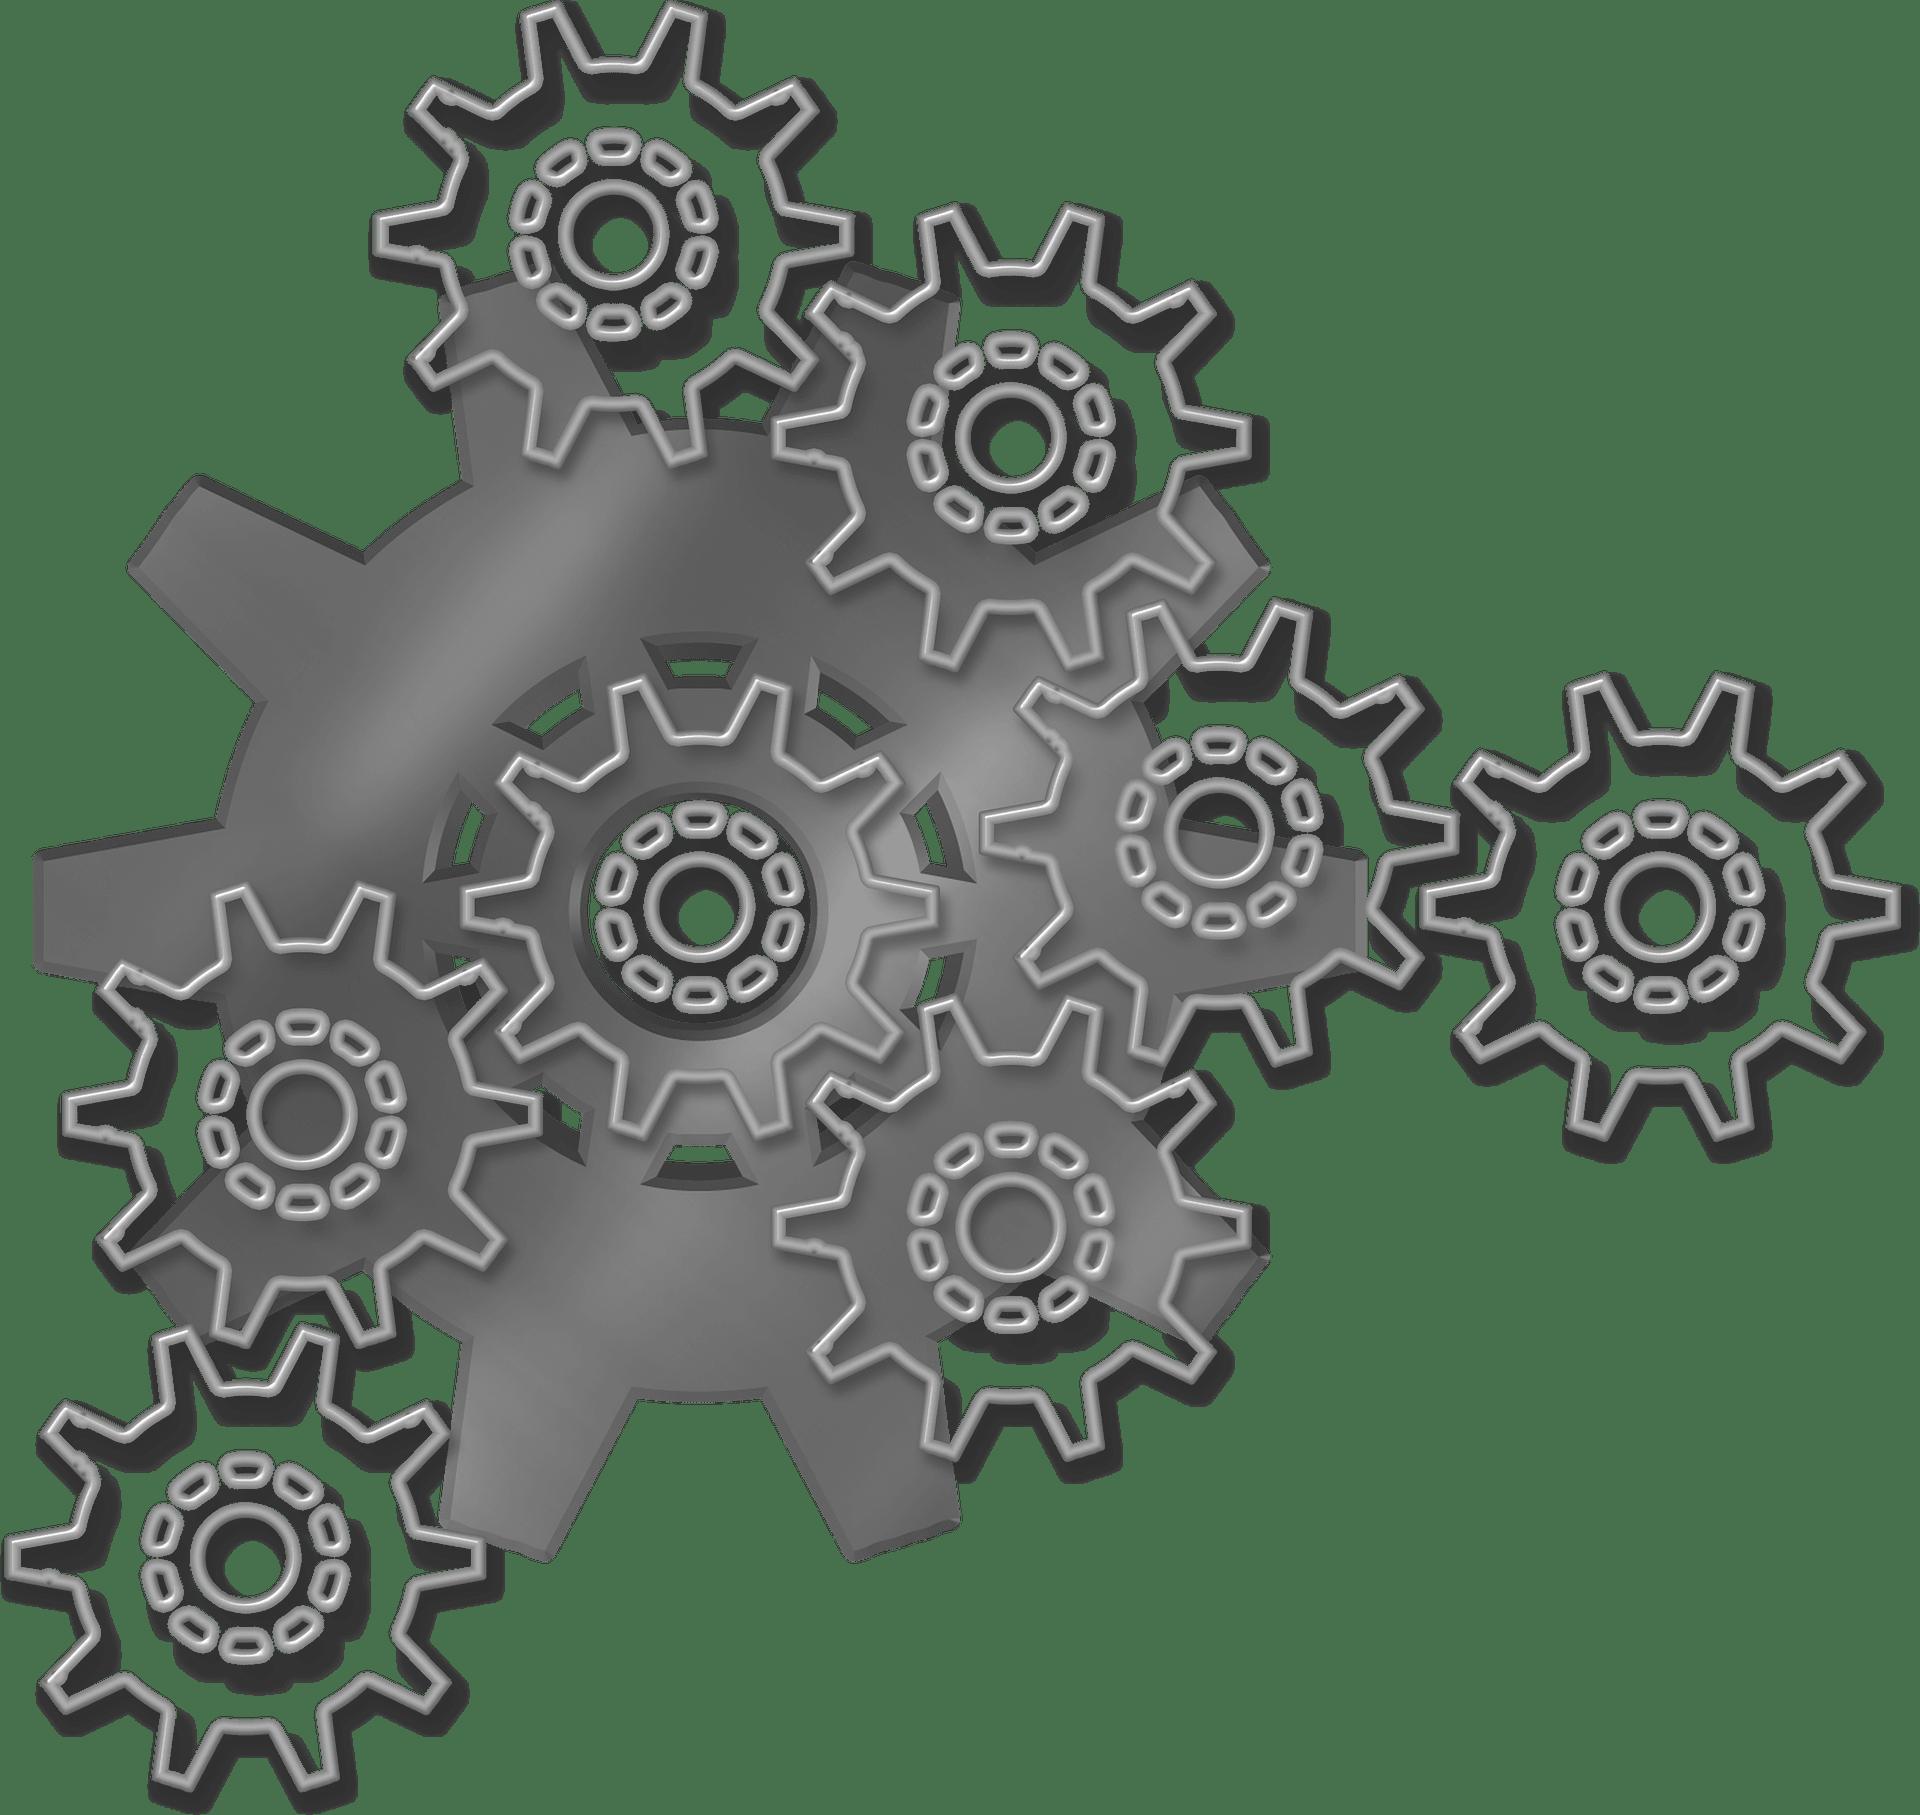 Badanie kompetencji 360 - tryby